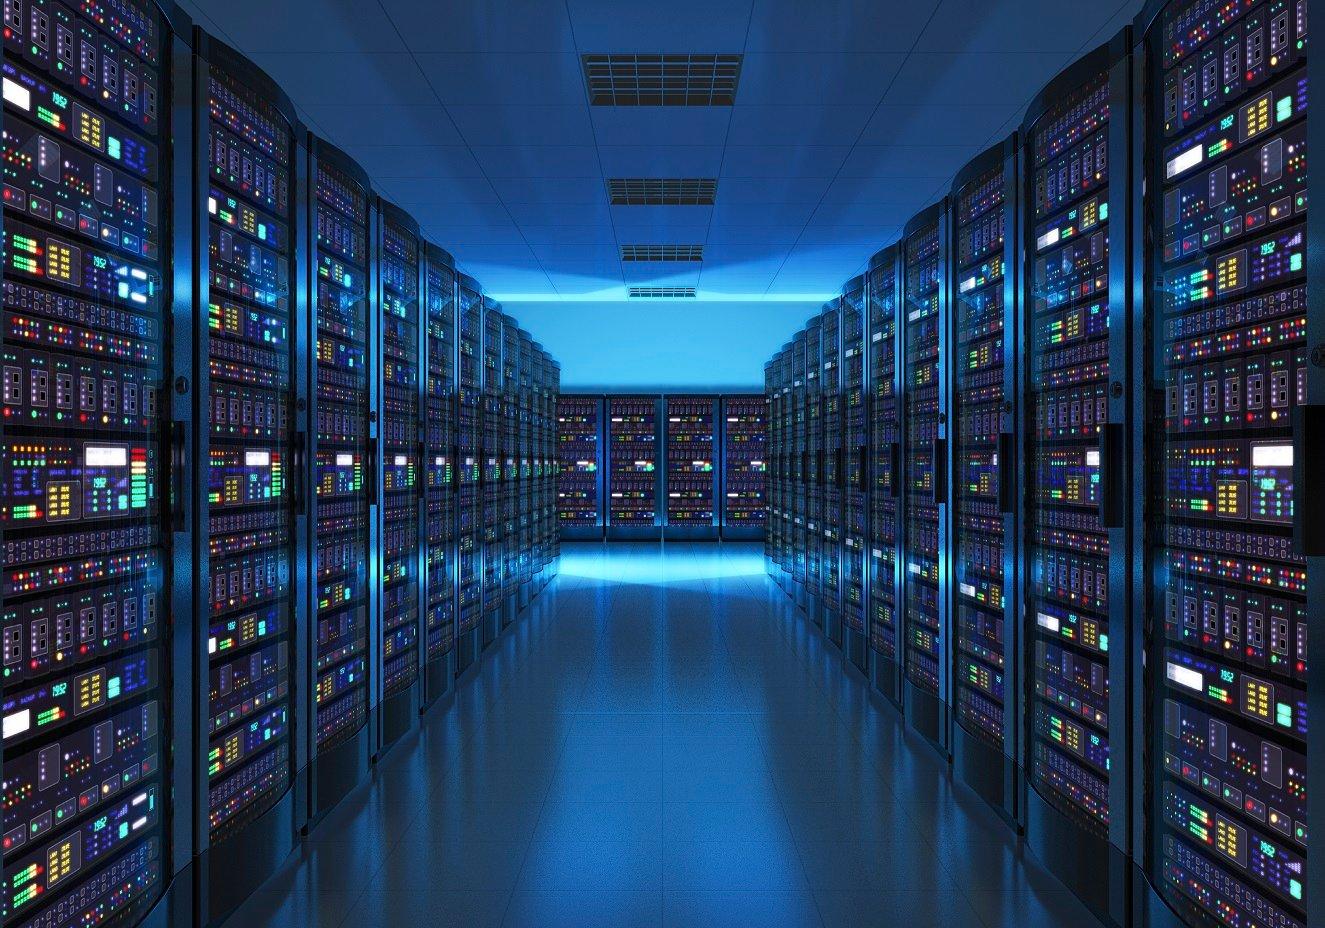 Bespoke chiller hire arrangement keeps data centre online